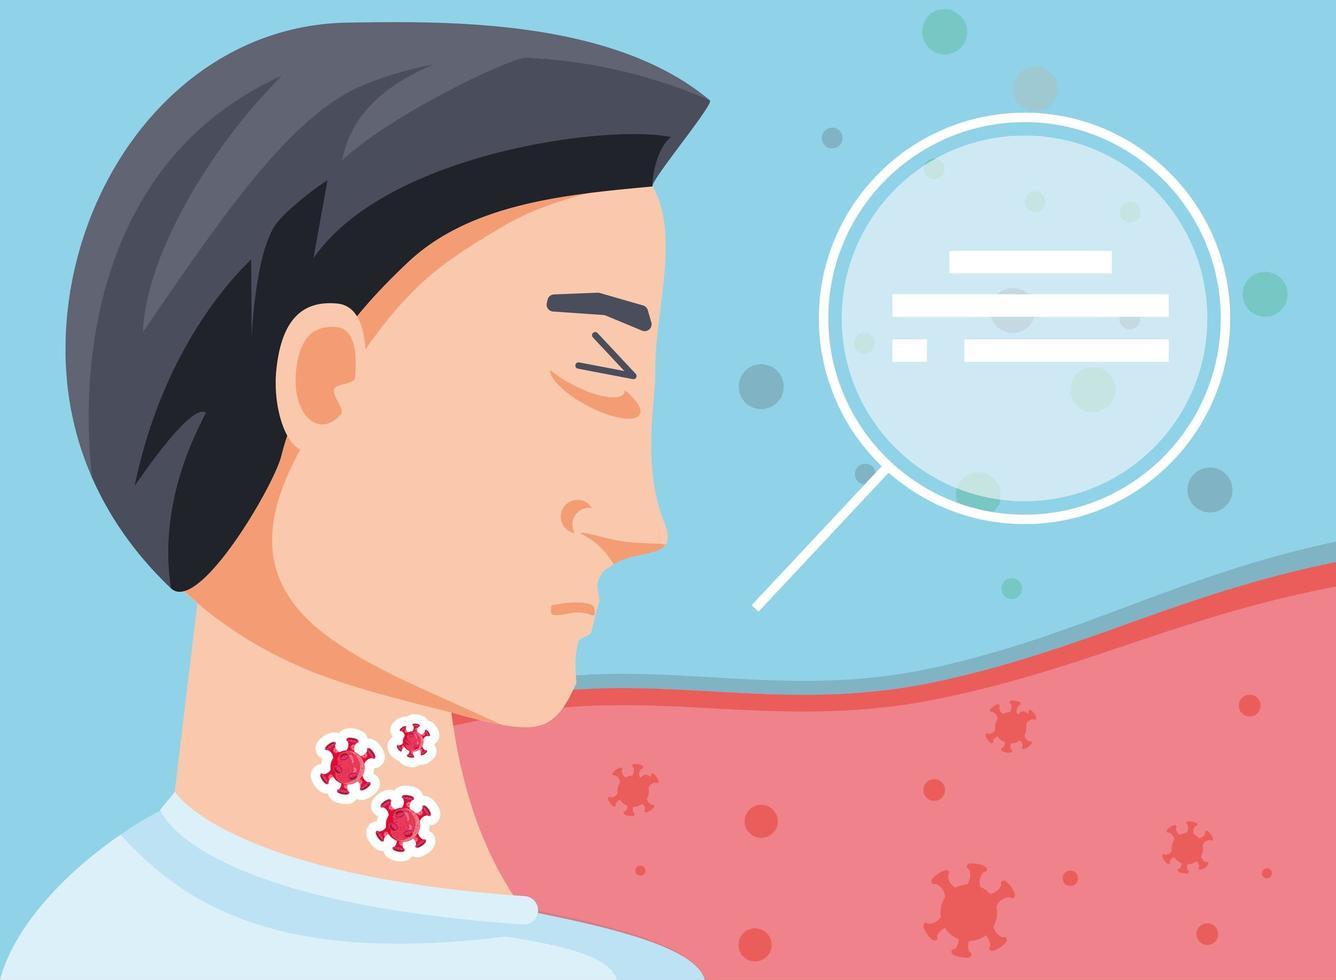 kranker Mann mit Coronavirus, der an Symptomen leidet vektor